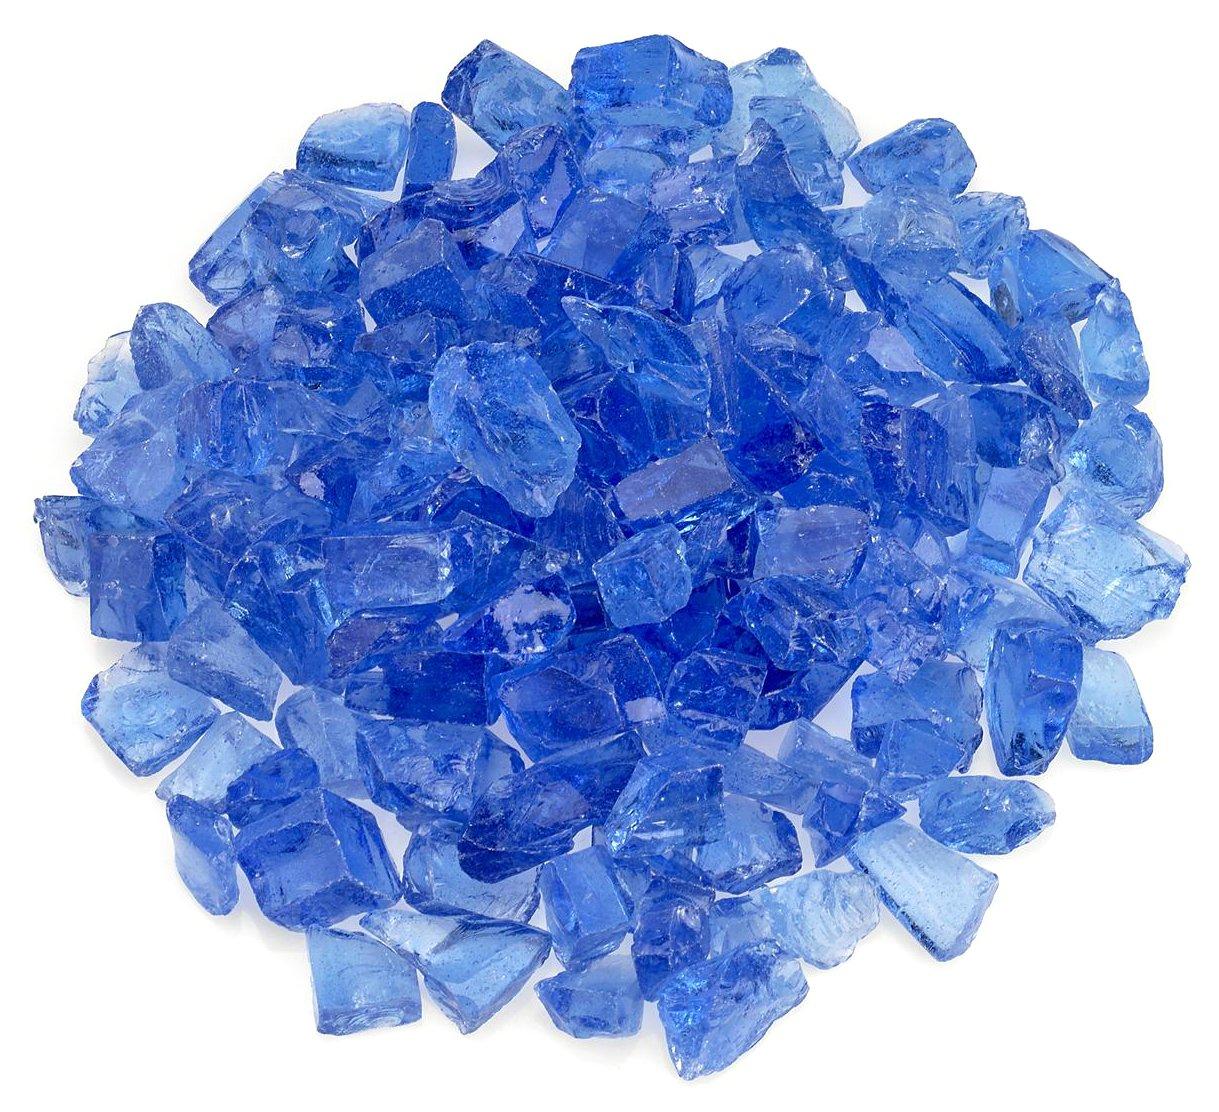 American Fireglass Light Blue Recycled Fire Pit Glass - Medium (18-28Mm), 55 lb. Bag by American Fireglass